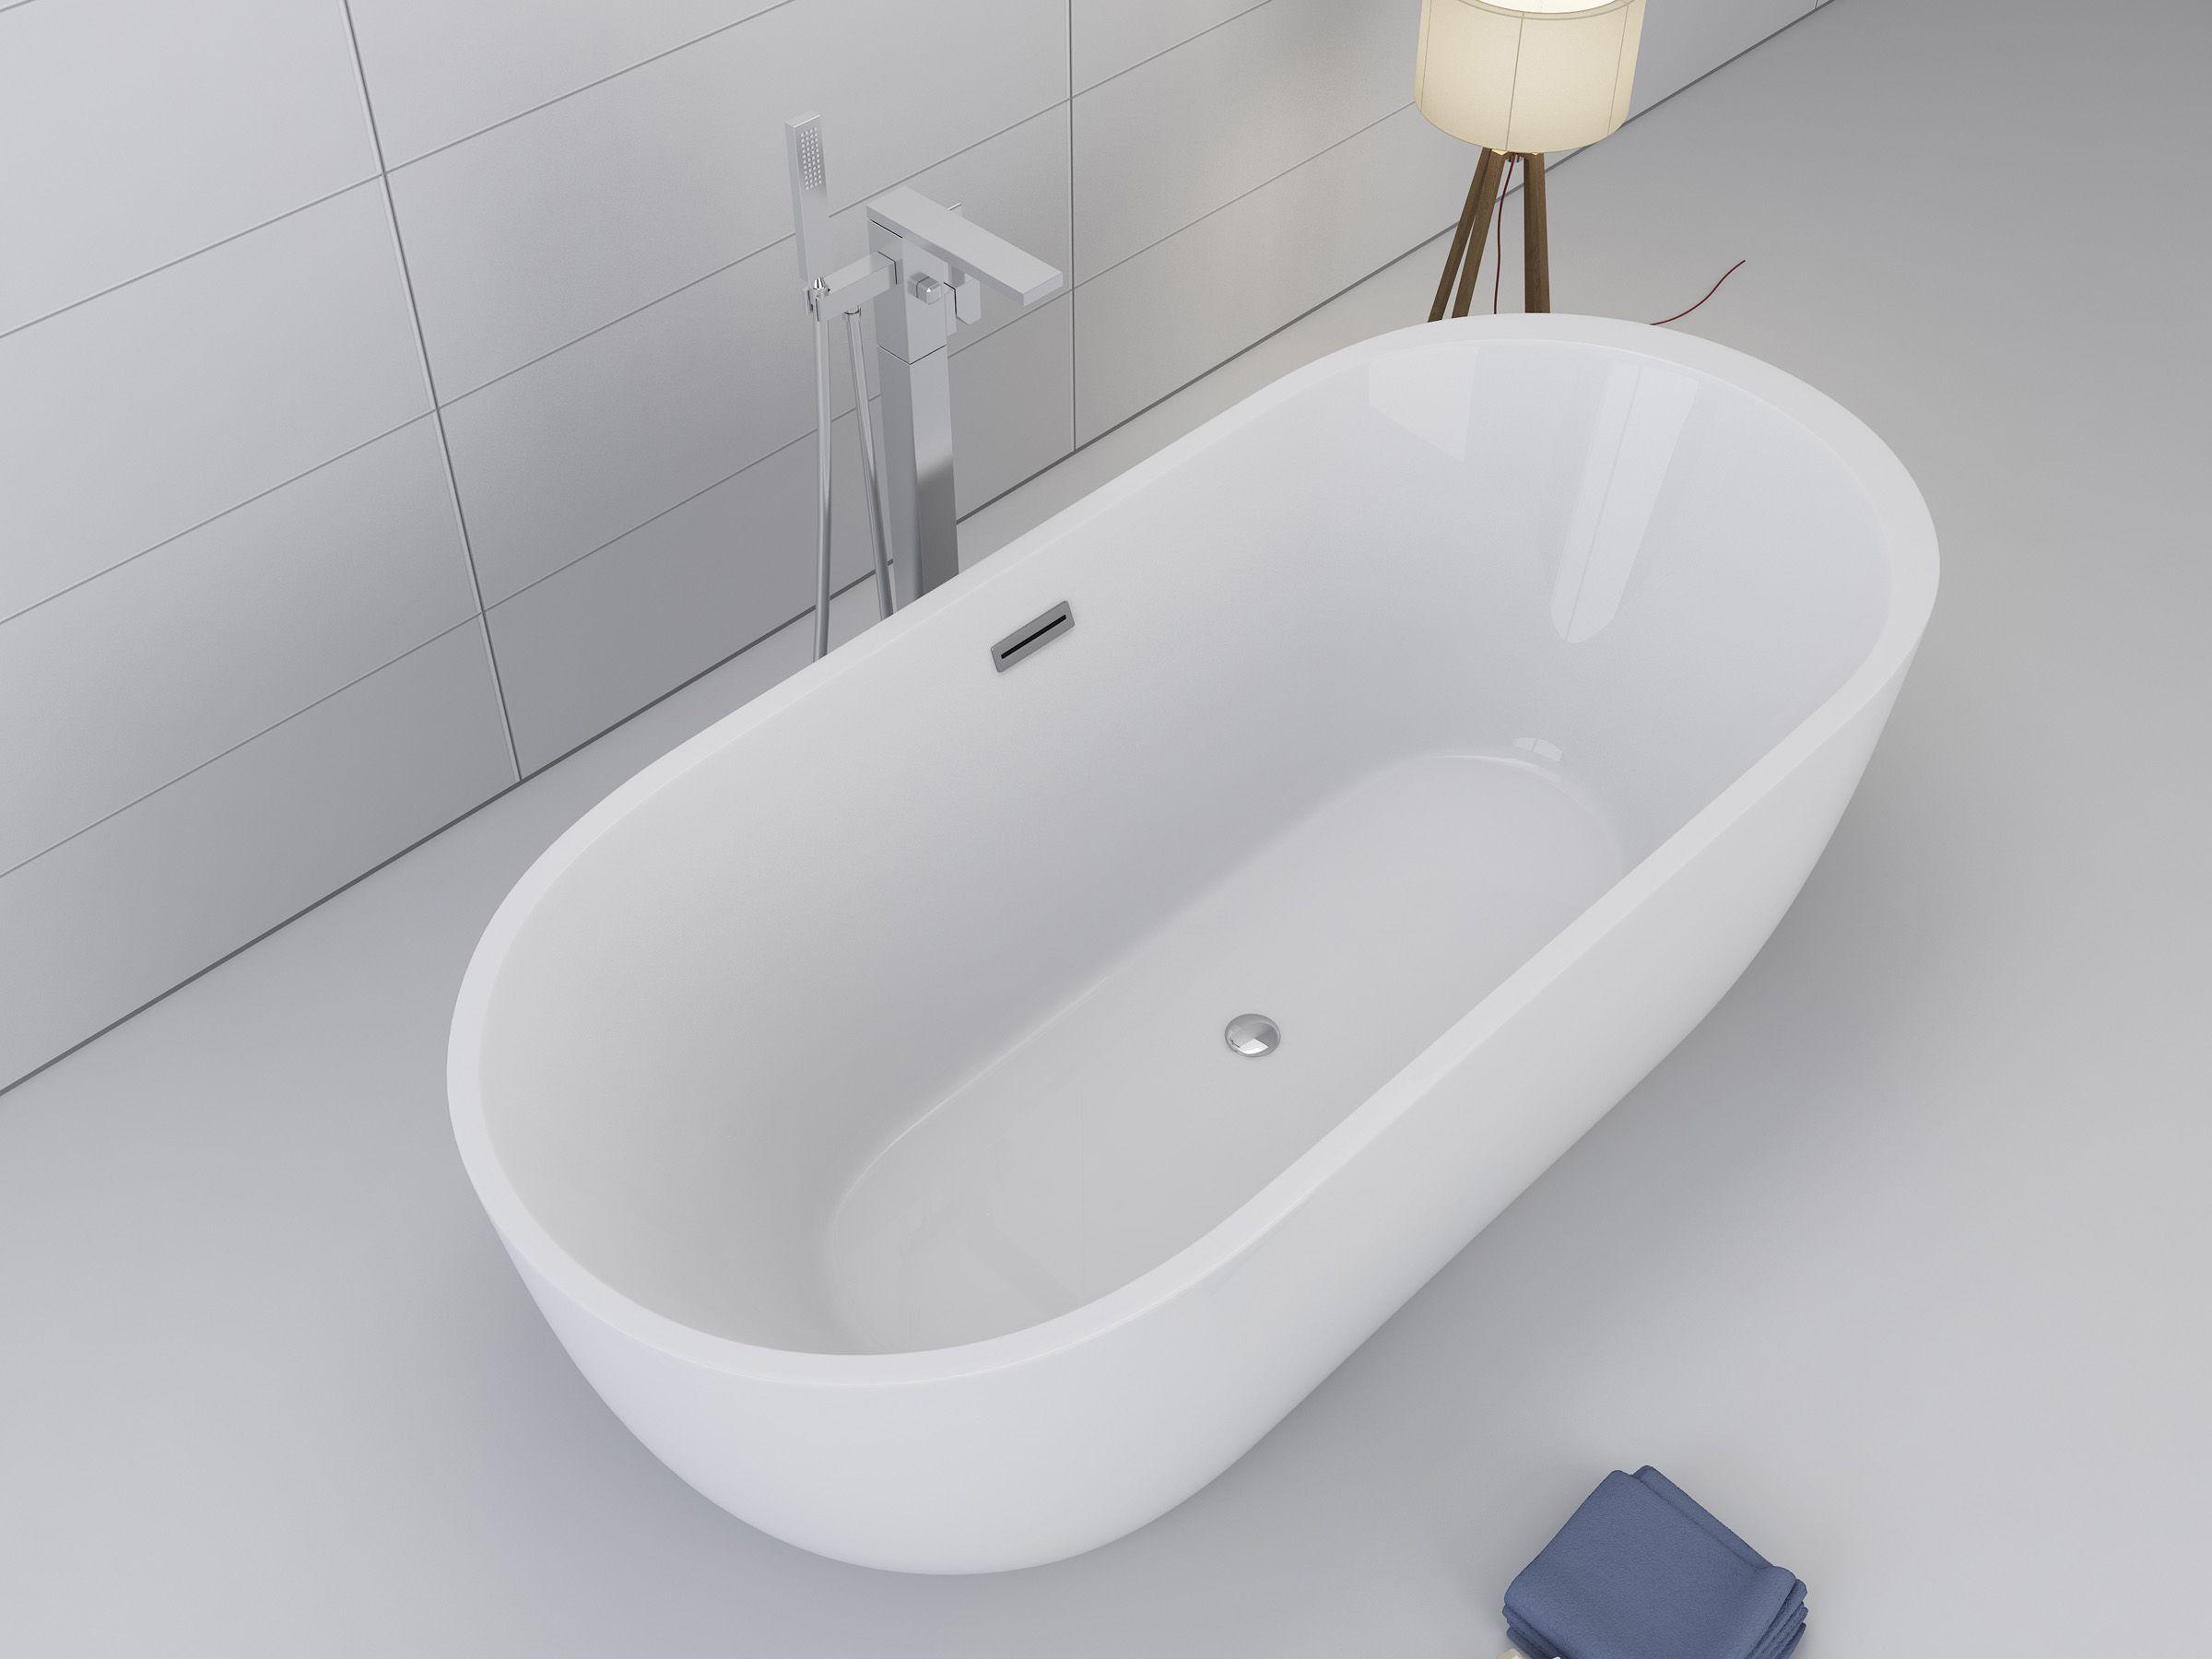 Freistehende Badewanne SCABO